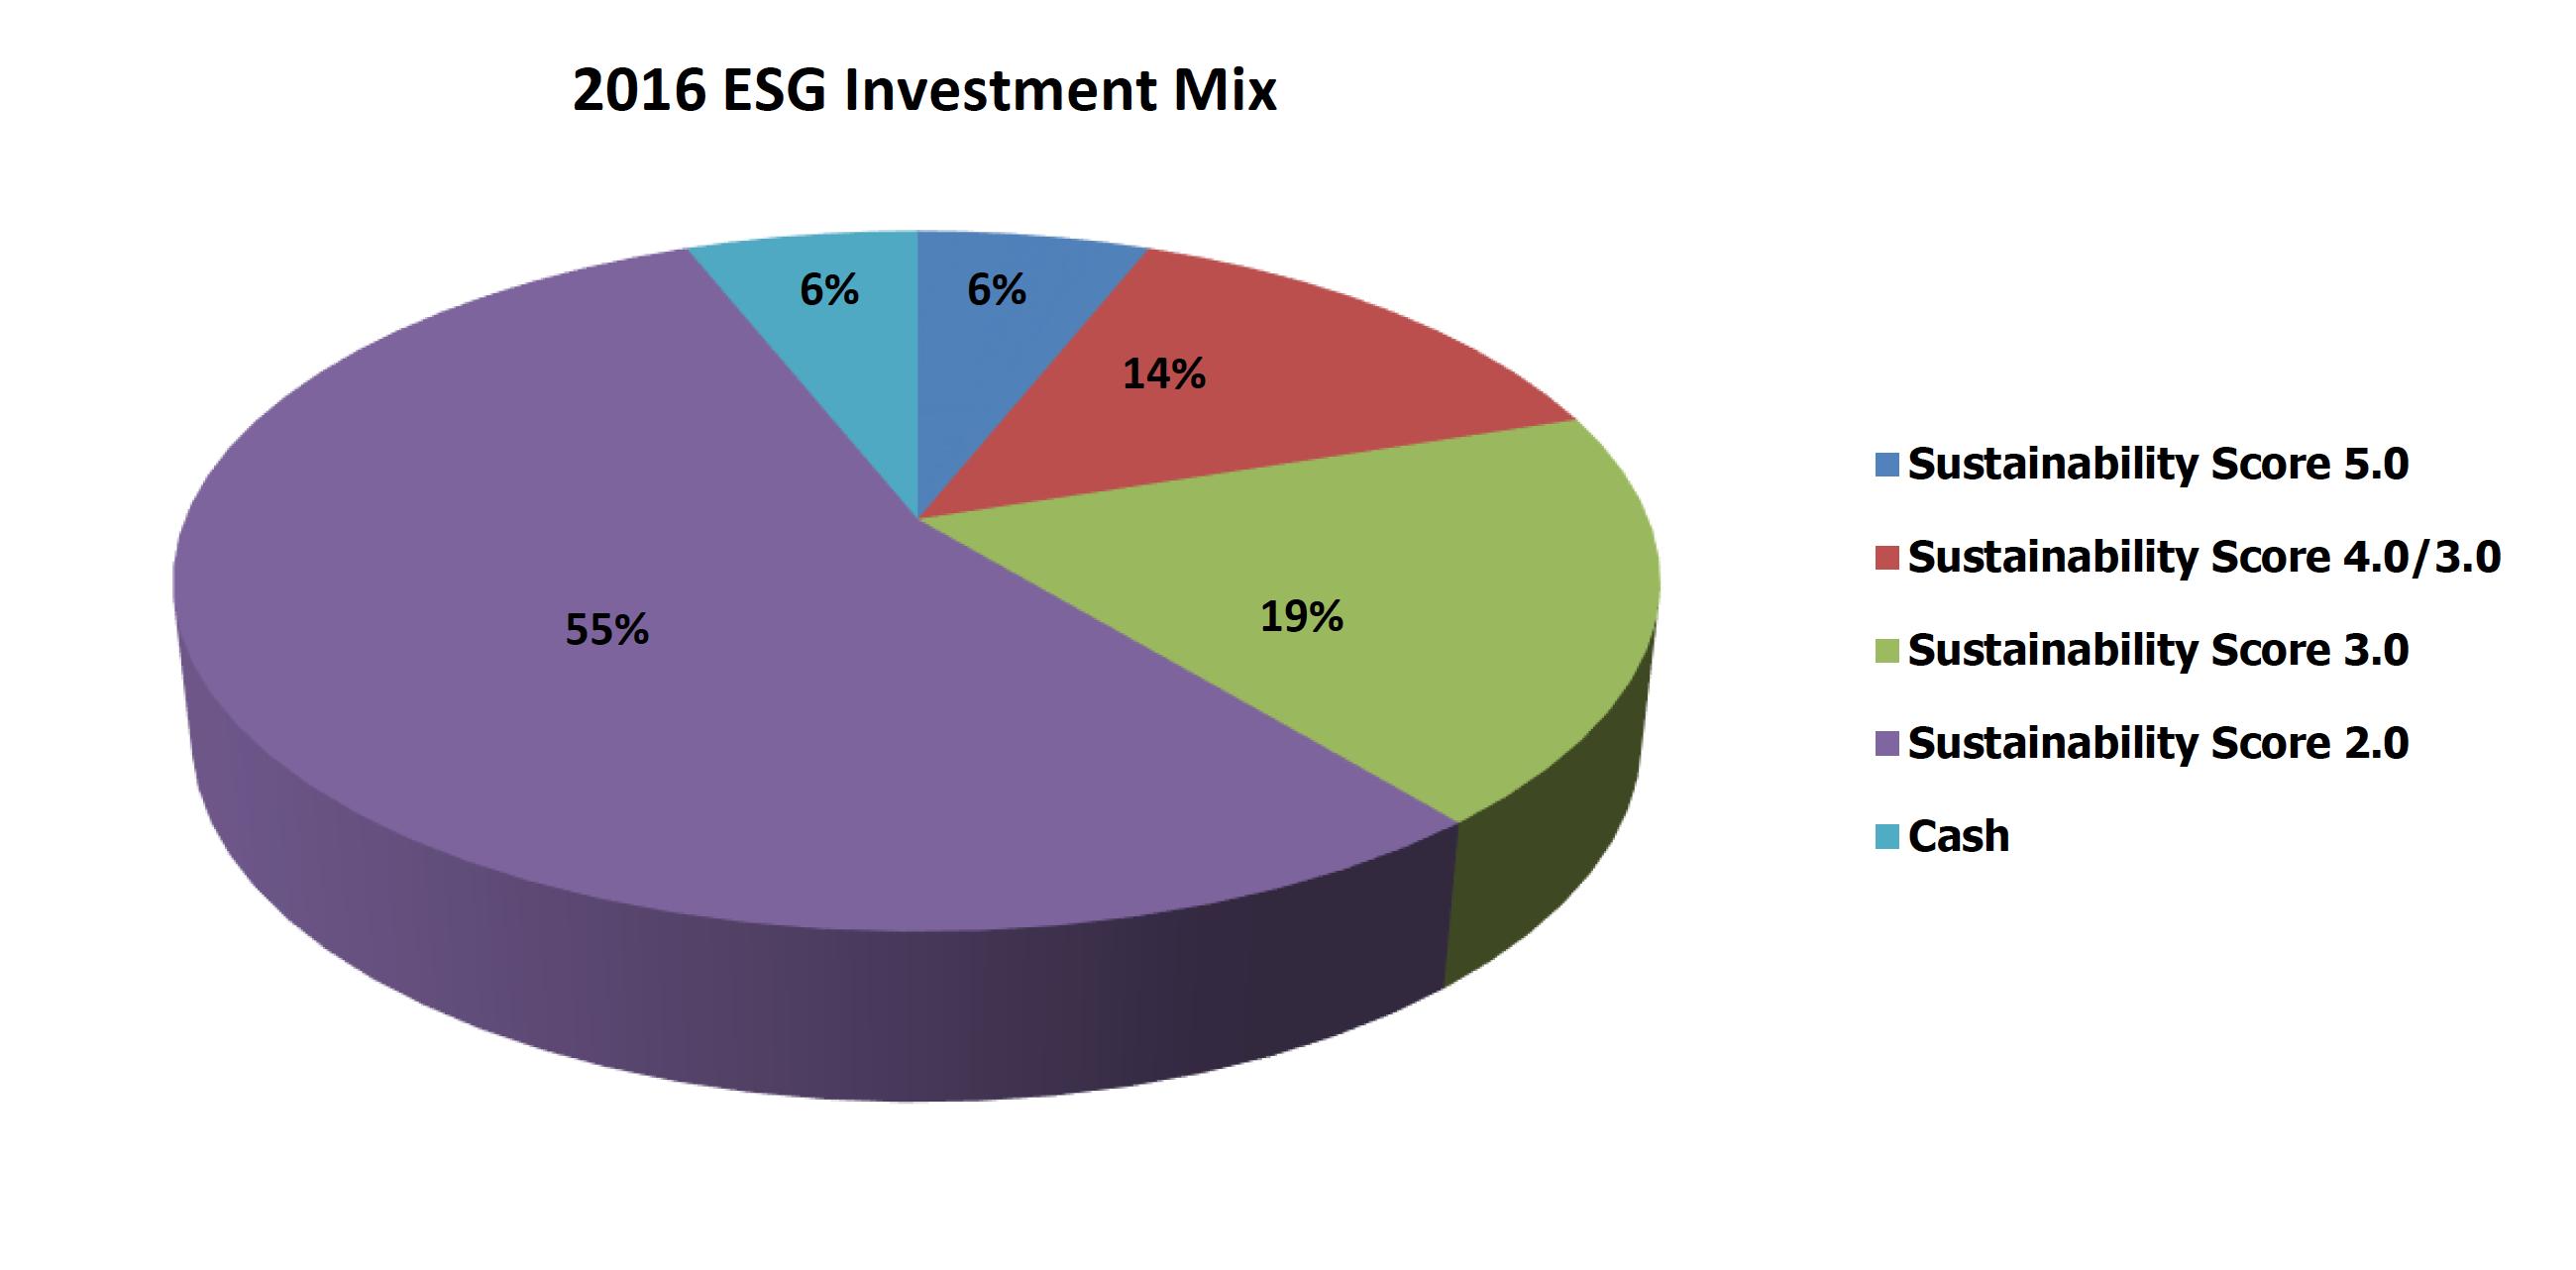 2016-esg-investment-mix